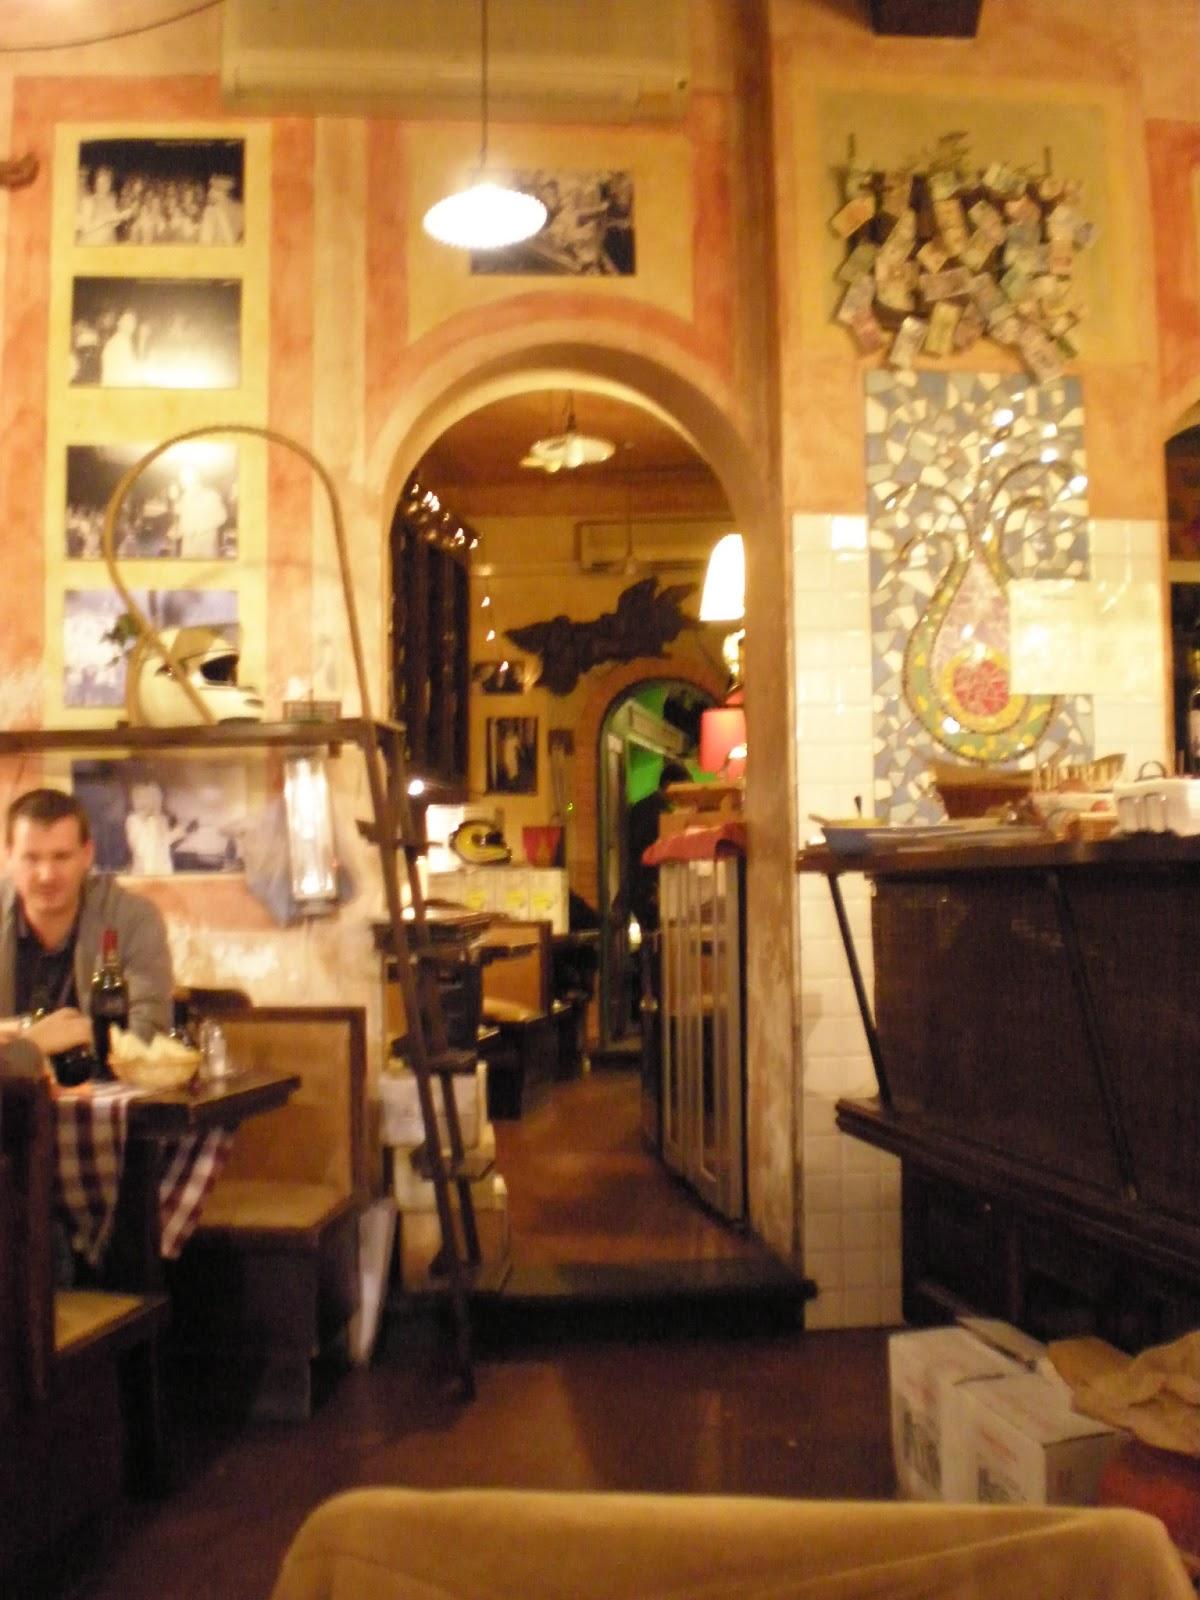 lampadari lucca : ... in giro: Vinarkia della Pavona, dove fare un aperitivo vintage a Lucca